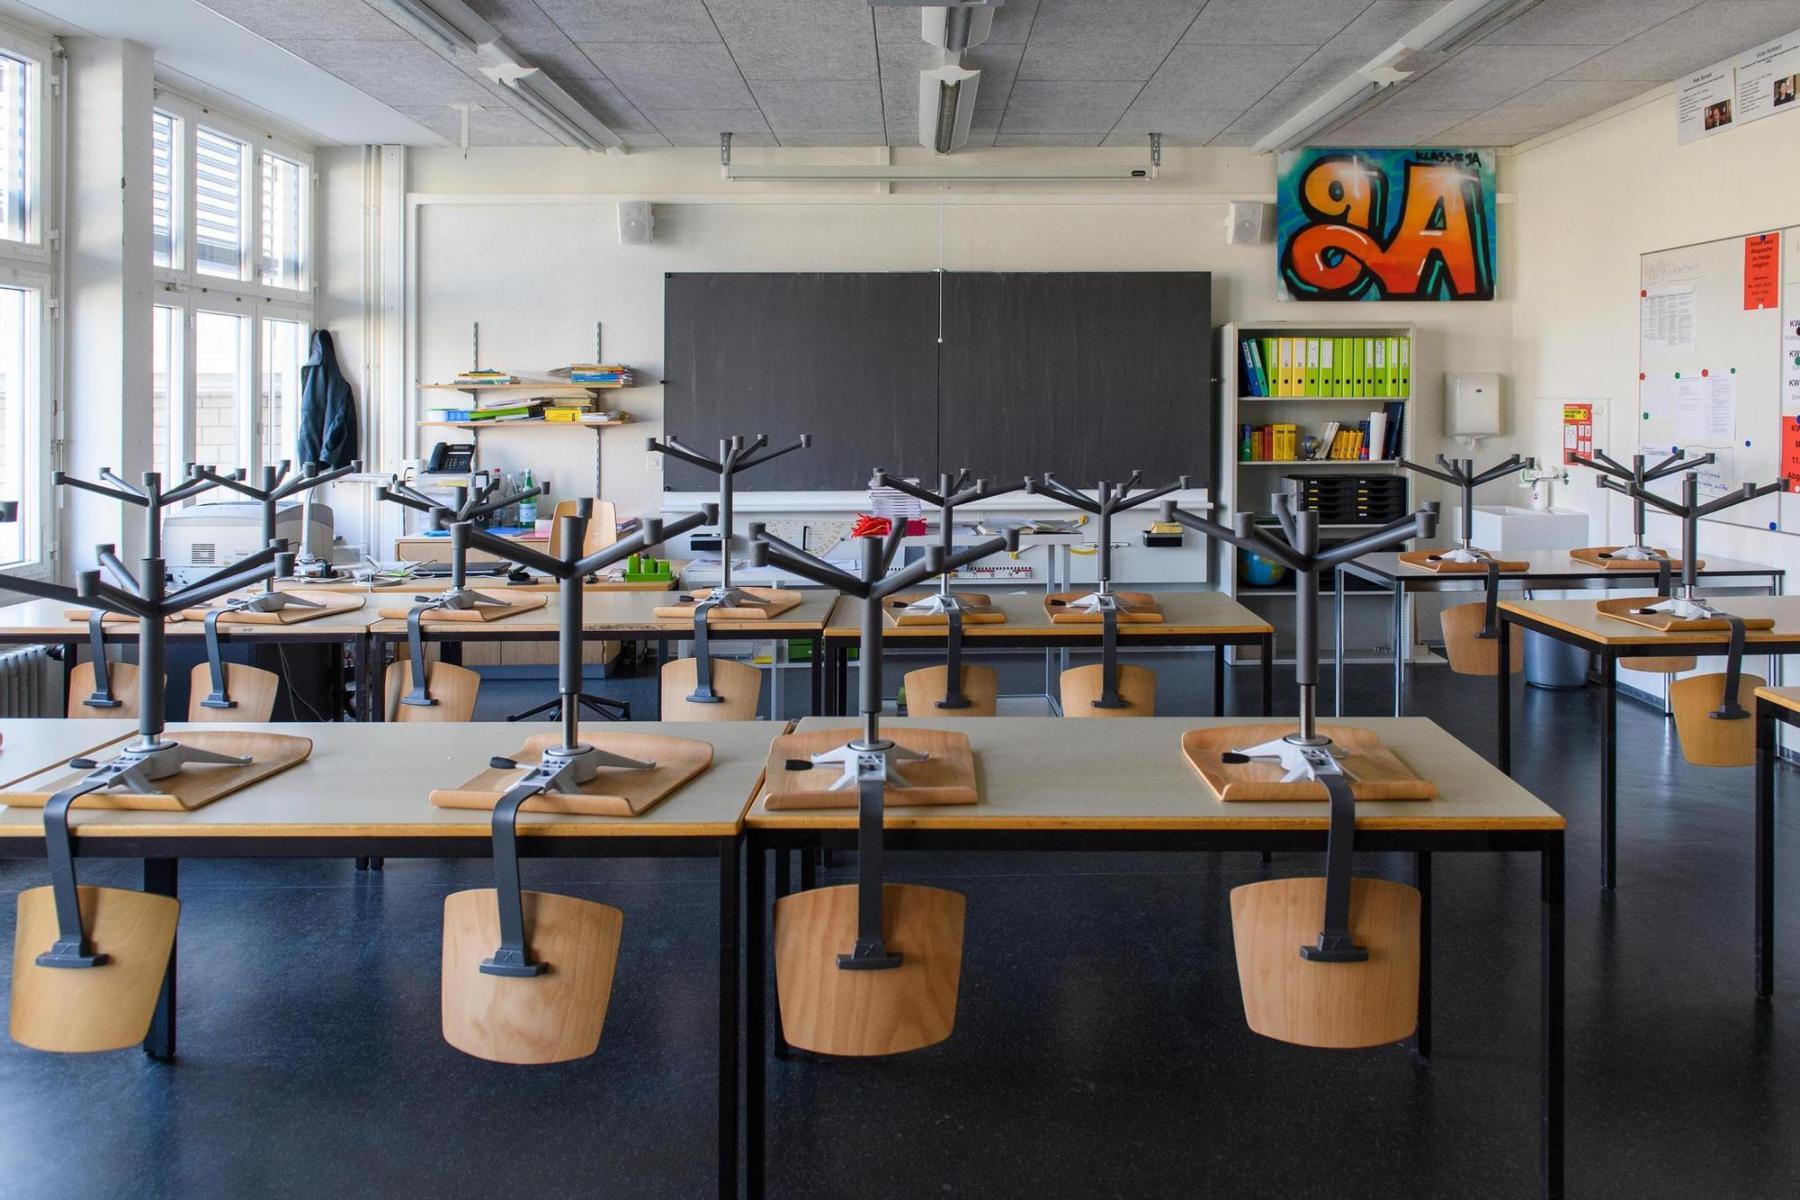 Die Schulen werden im Kanton Bern für mehrere Wochen geschlossen. Bild eines Schulzimmers im Schulhaus Morillon am 13.3.2020 in Köniz. Foto: Raphael Moser